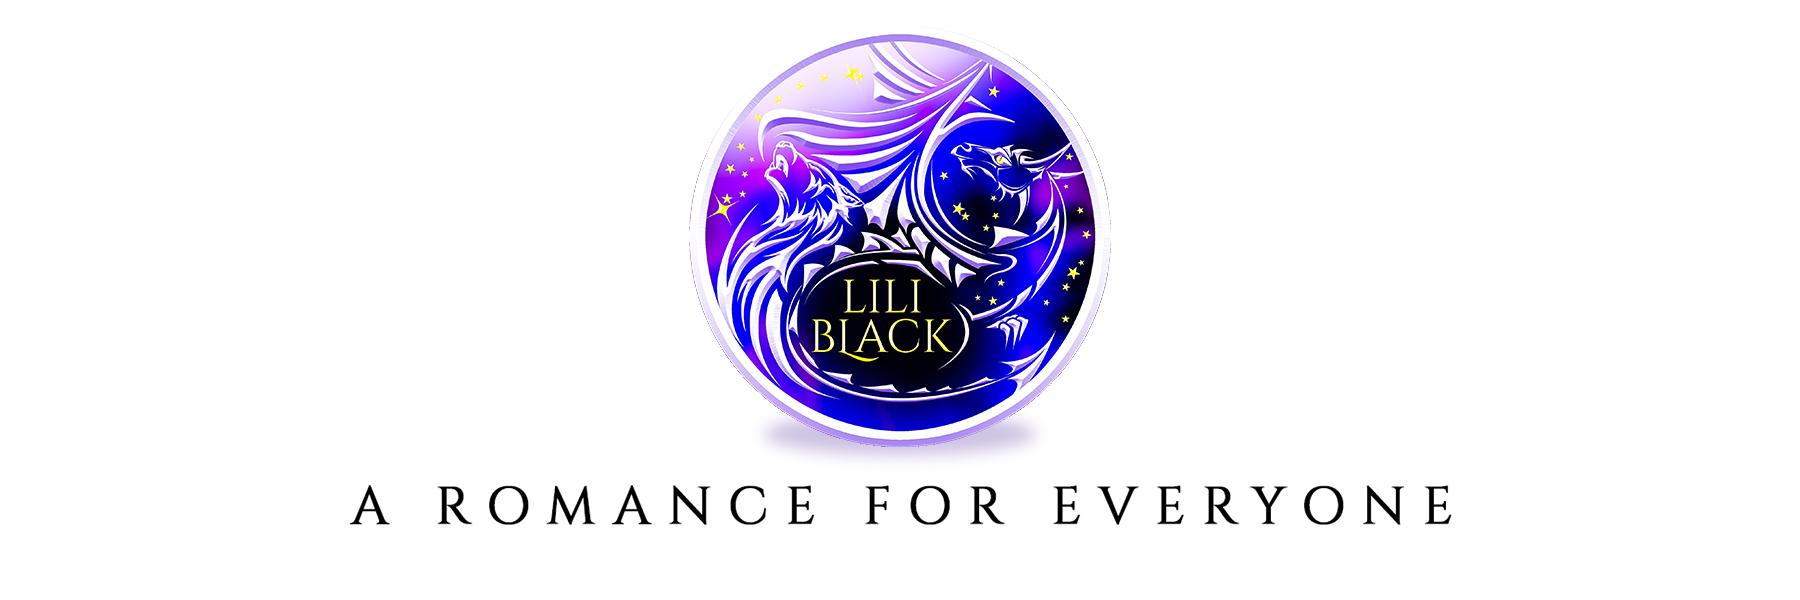 Lili Black's Newsletter